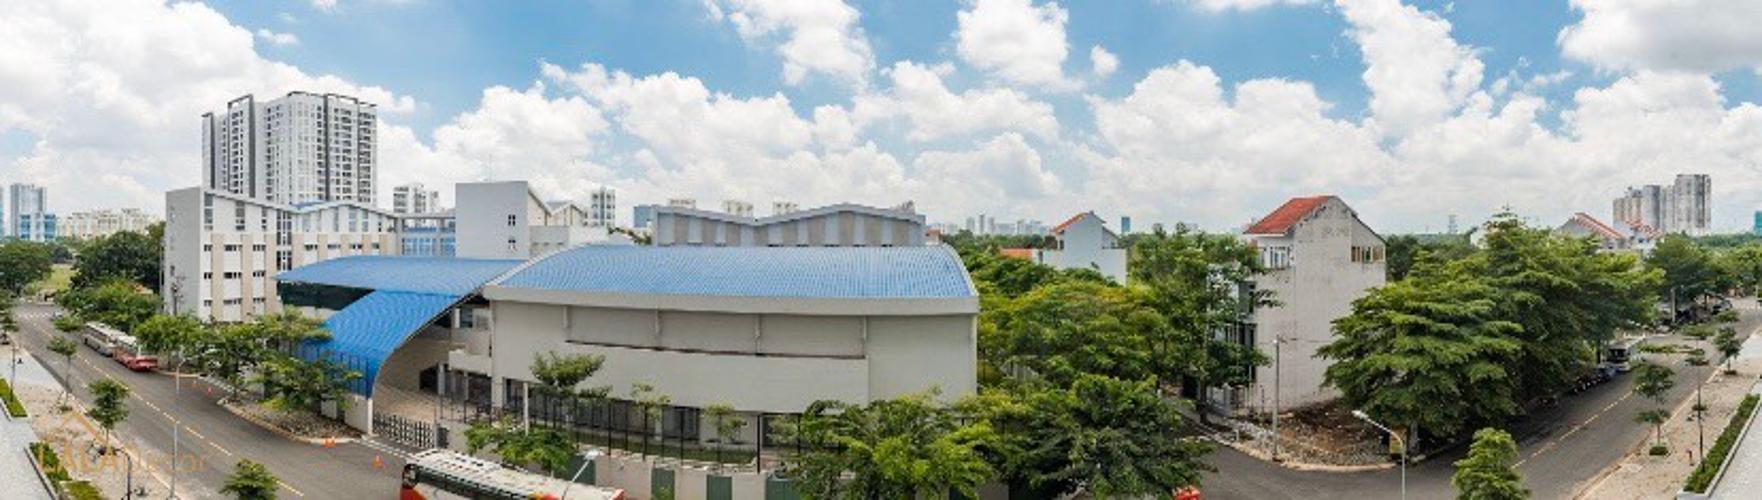 View Căn hộ Saigon South Residence Căn hộ Saigon South Residence tầng thấp, ban công hướng Đông đón nắng